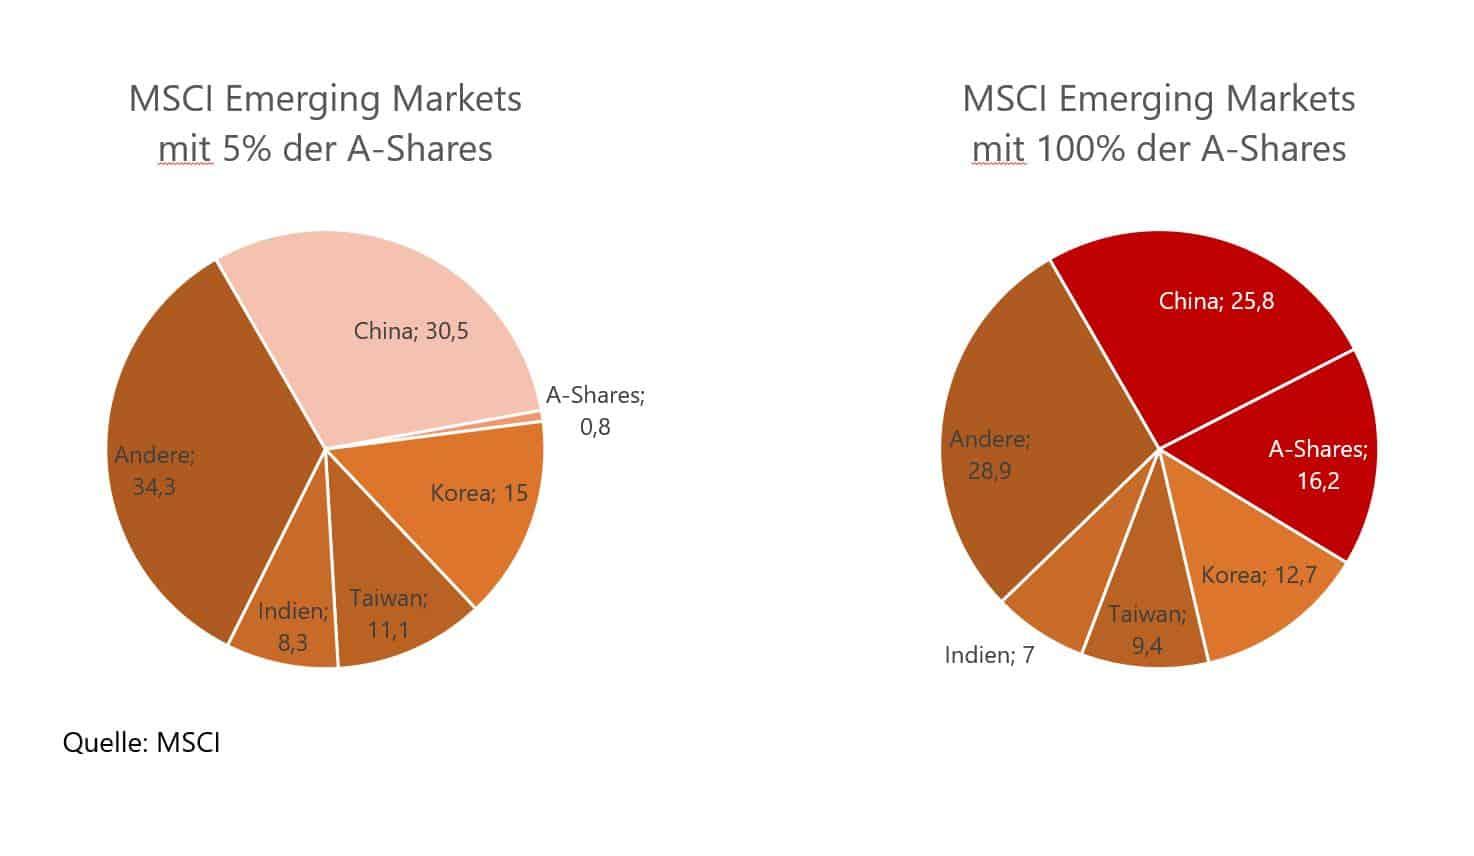 china aktien mit mehr gewicht in msci china und emerging. Black Bedroom Furniture Sets. Home Design Ideas